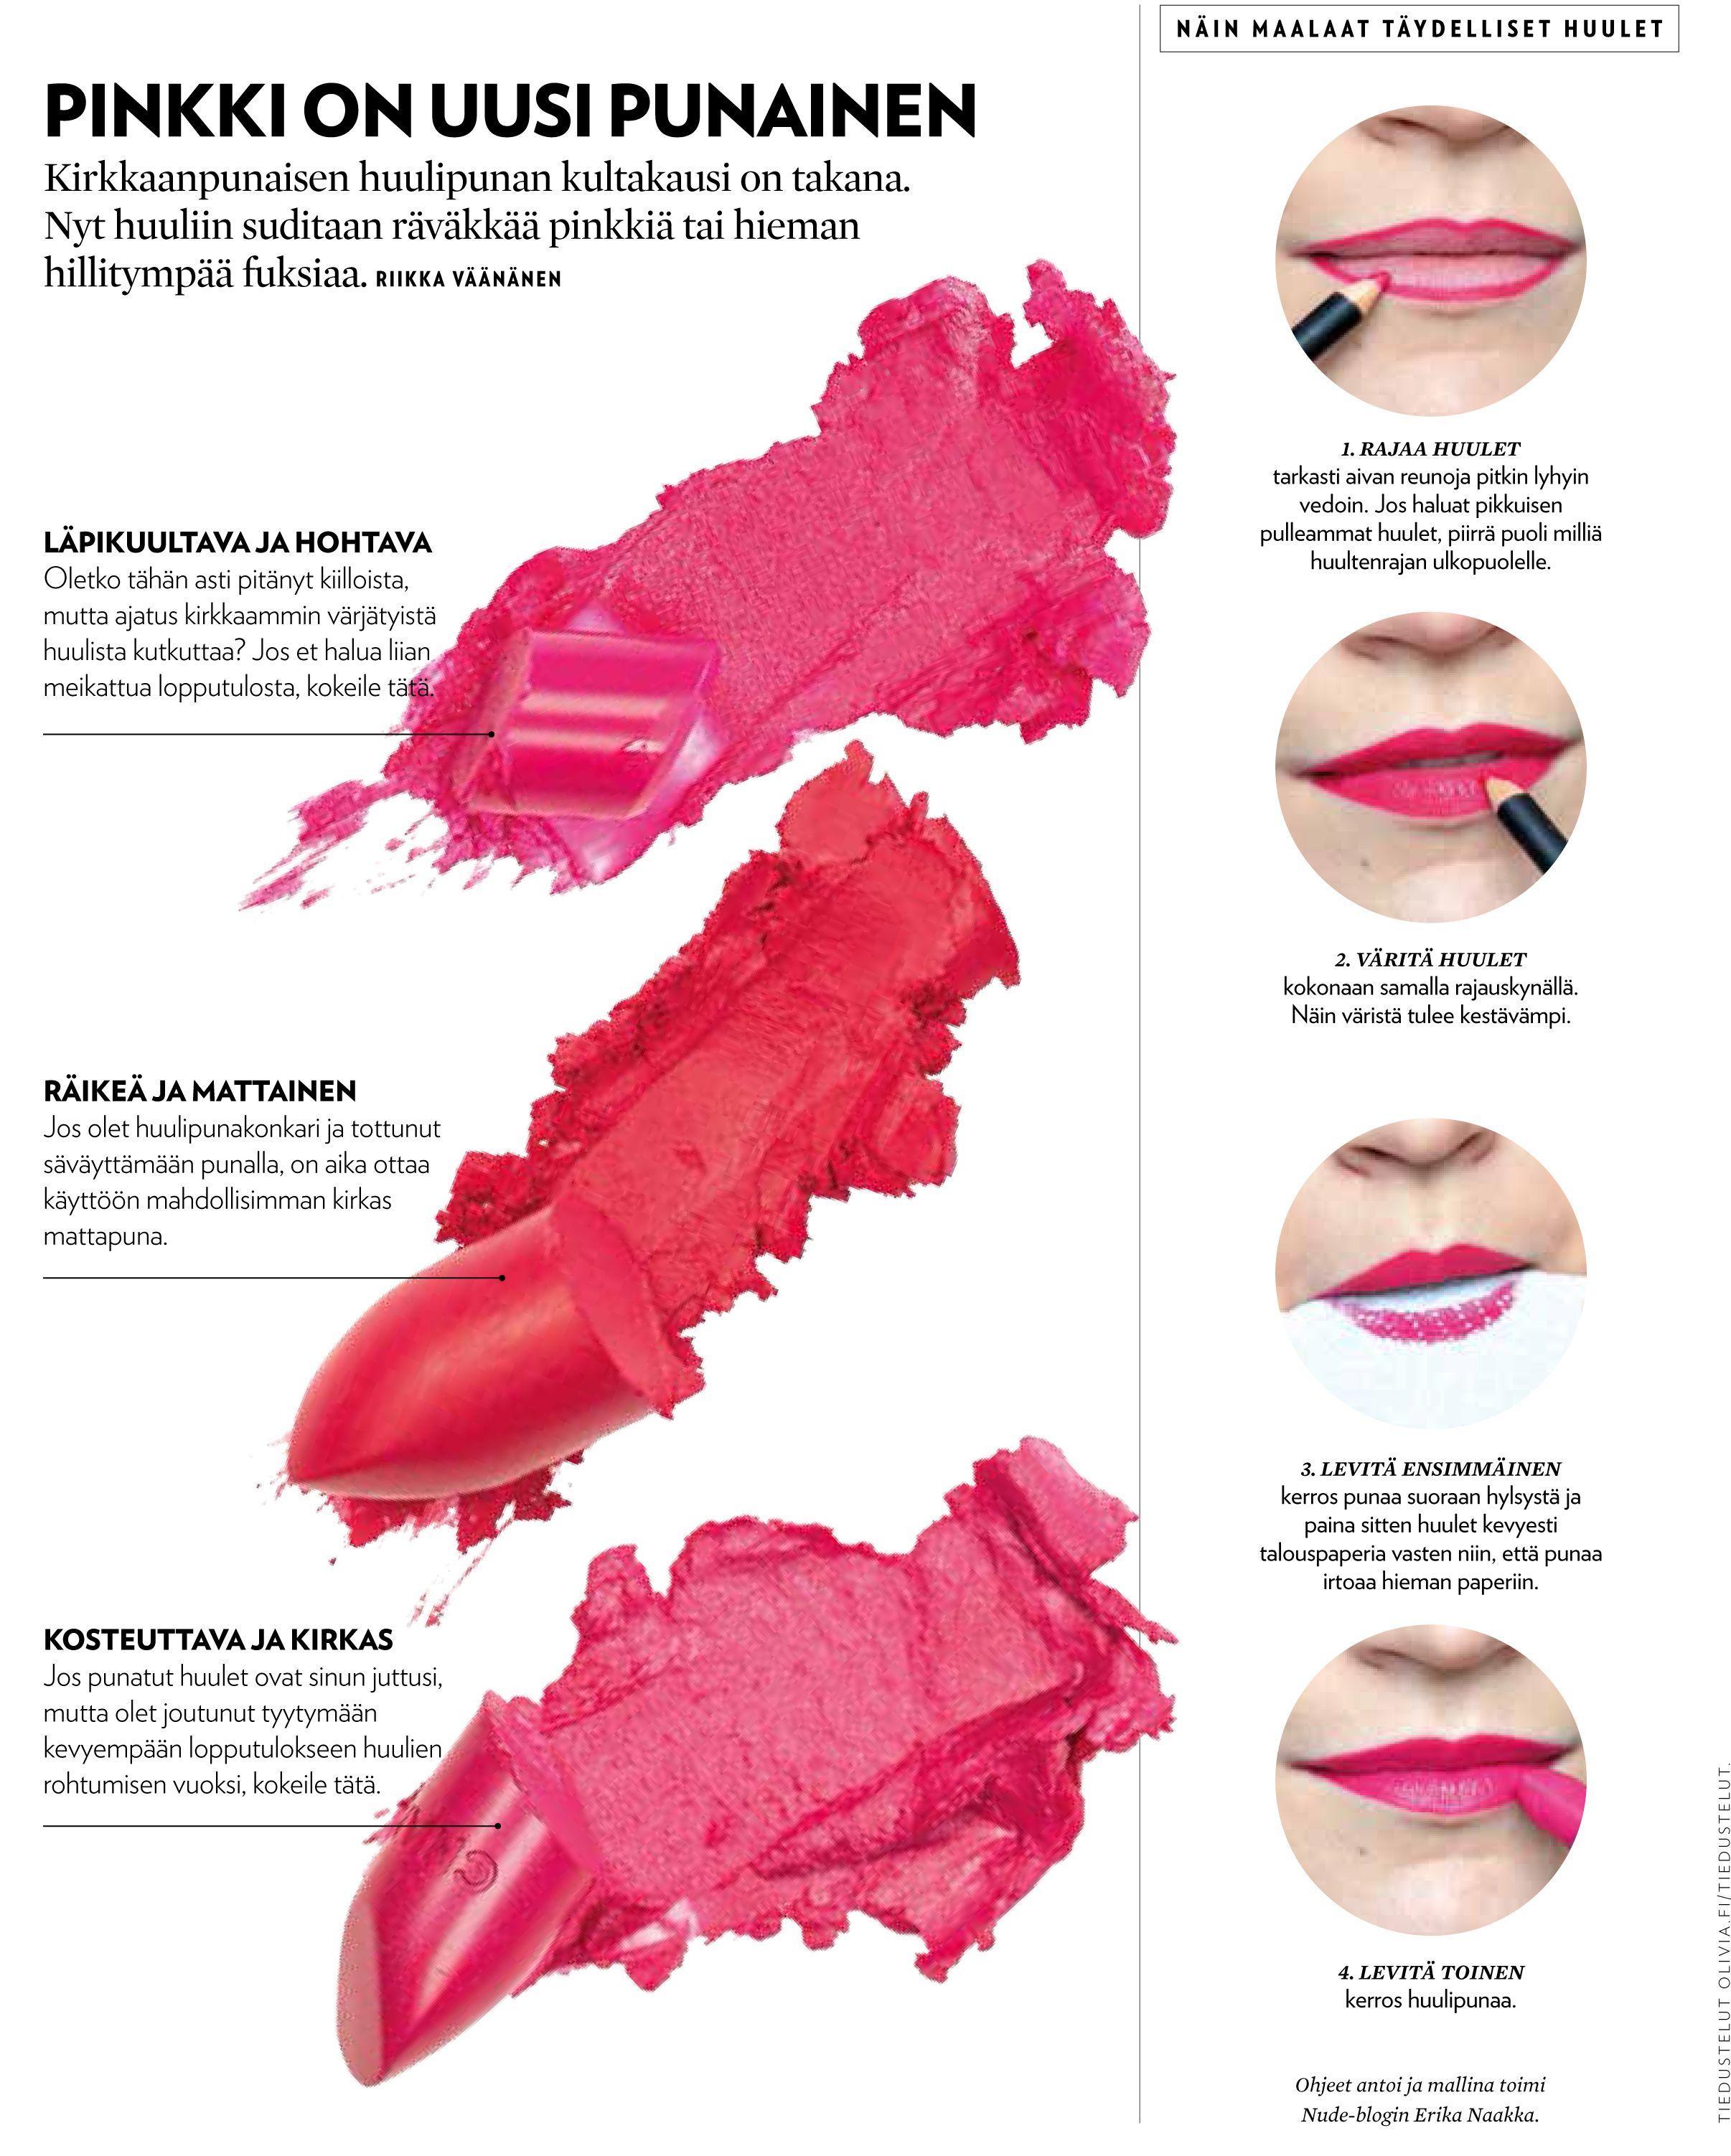 Täydellisen pinkit huulet.  pink lipstick, perfect lips, lipliner, pinkki huulipuna, täydellinen huulipunaus, huultenrajaus